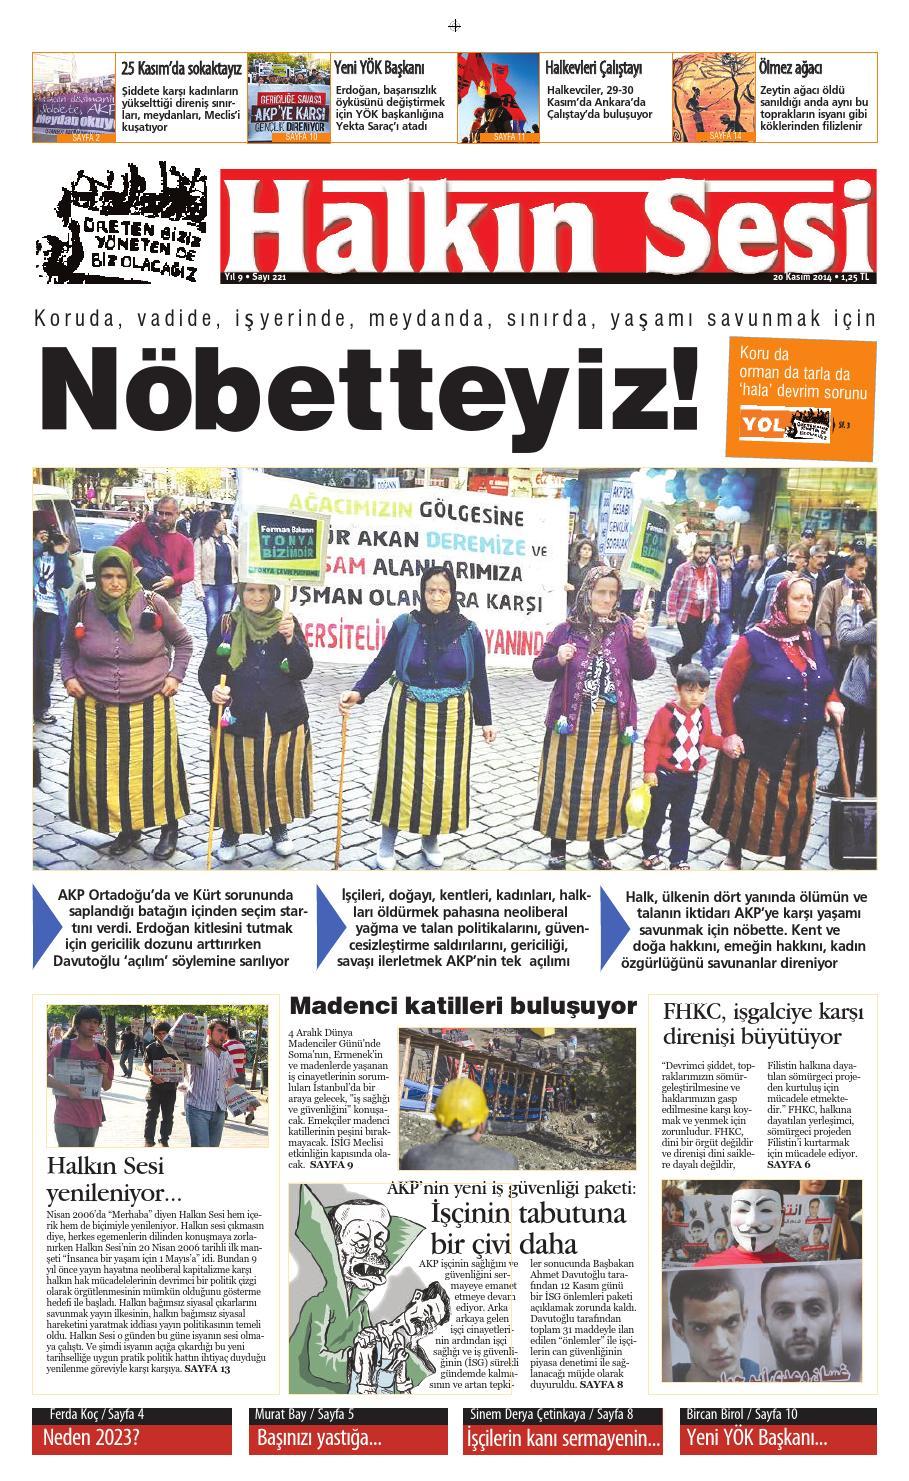 221 By Halkinsesi Gazetesi Issuu